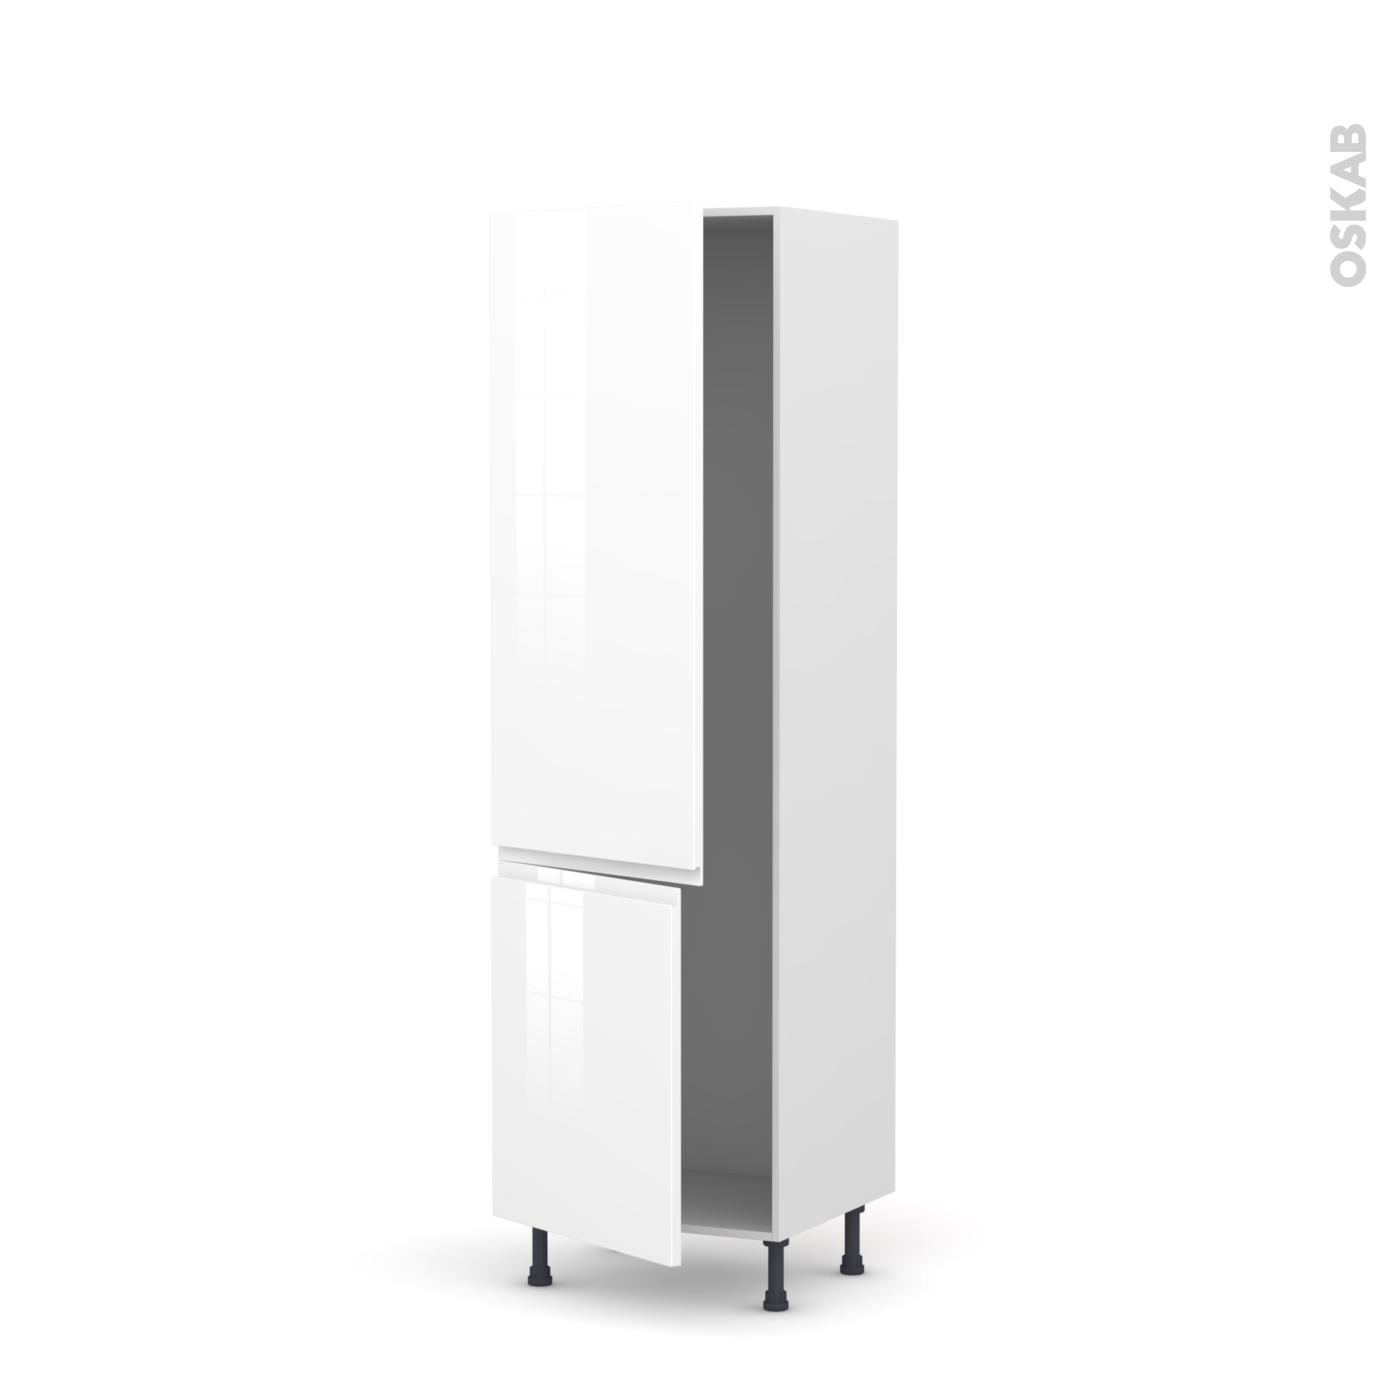 colonne de cuisine n°2721 armoire frigo encastrable ipoma blanc